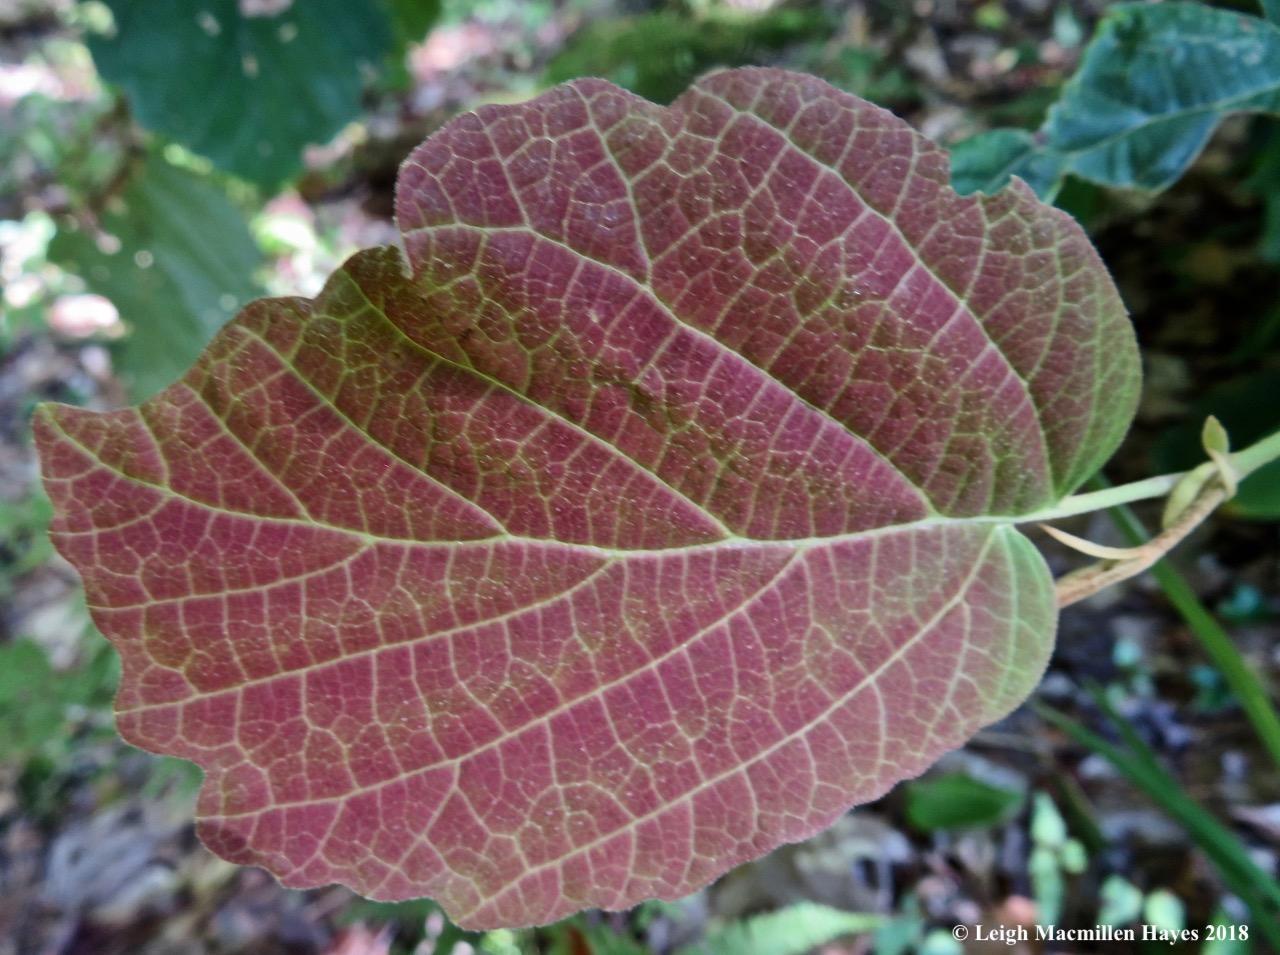 16-hobblebush leaves